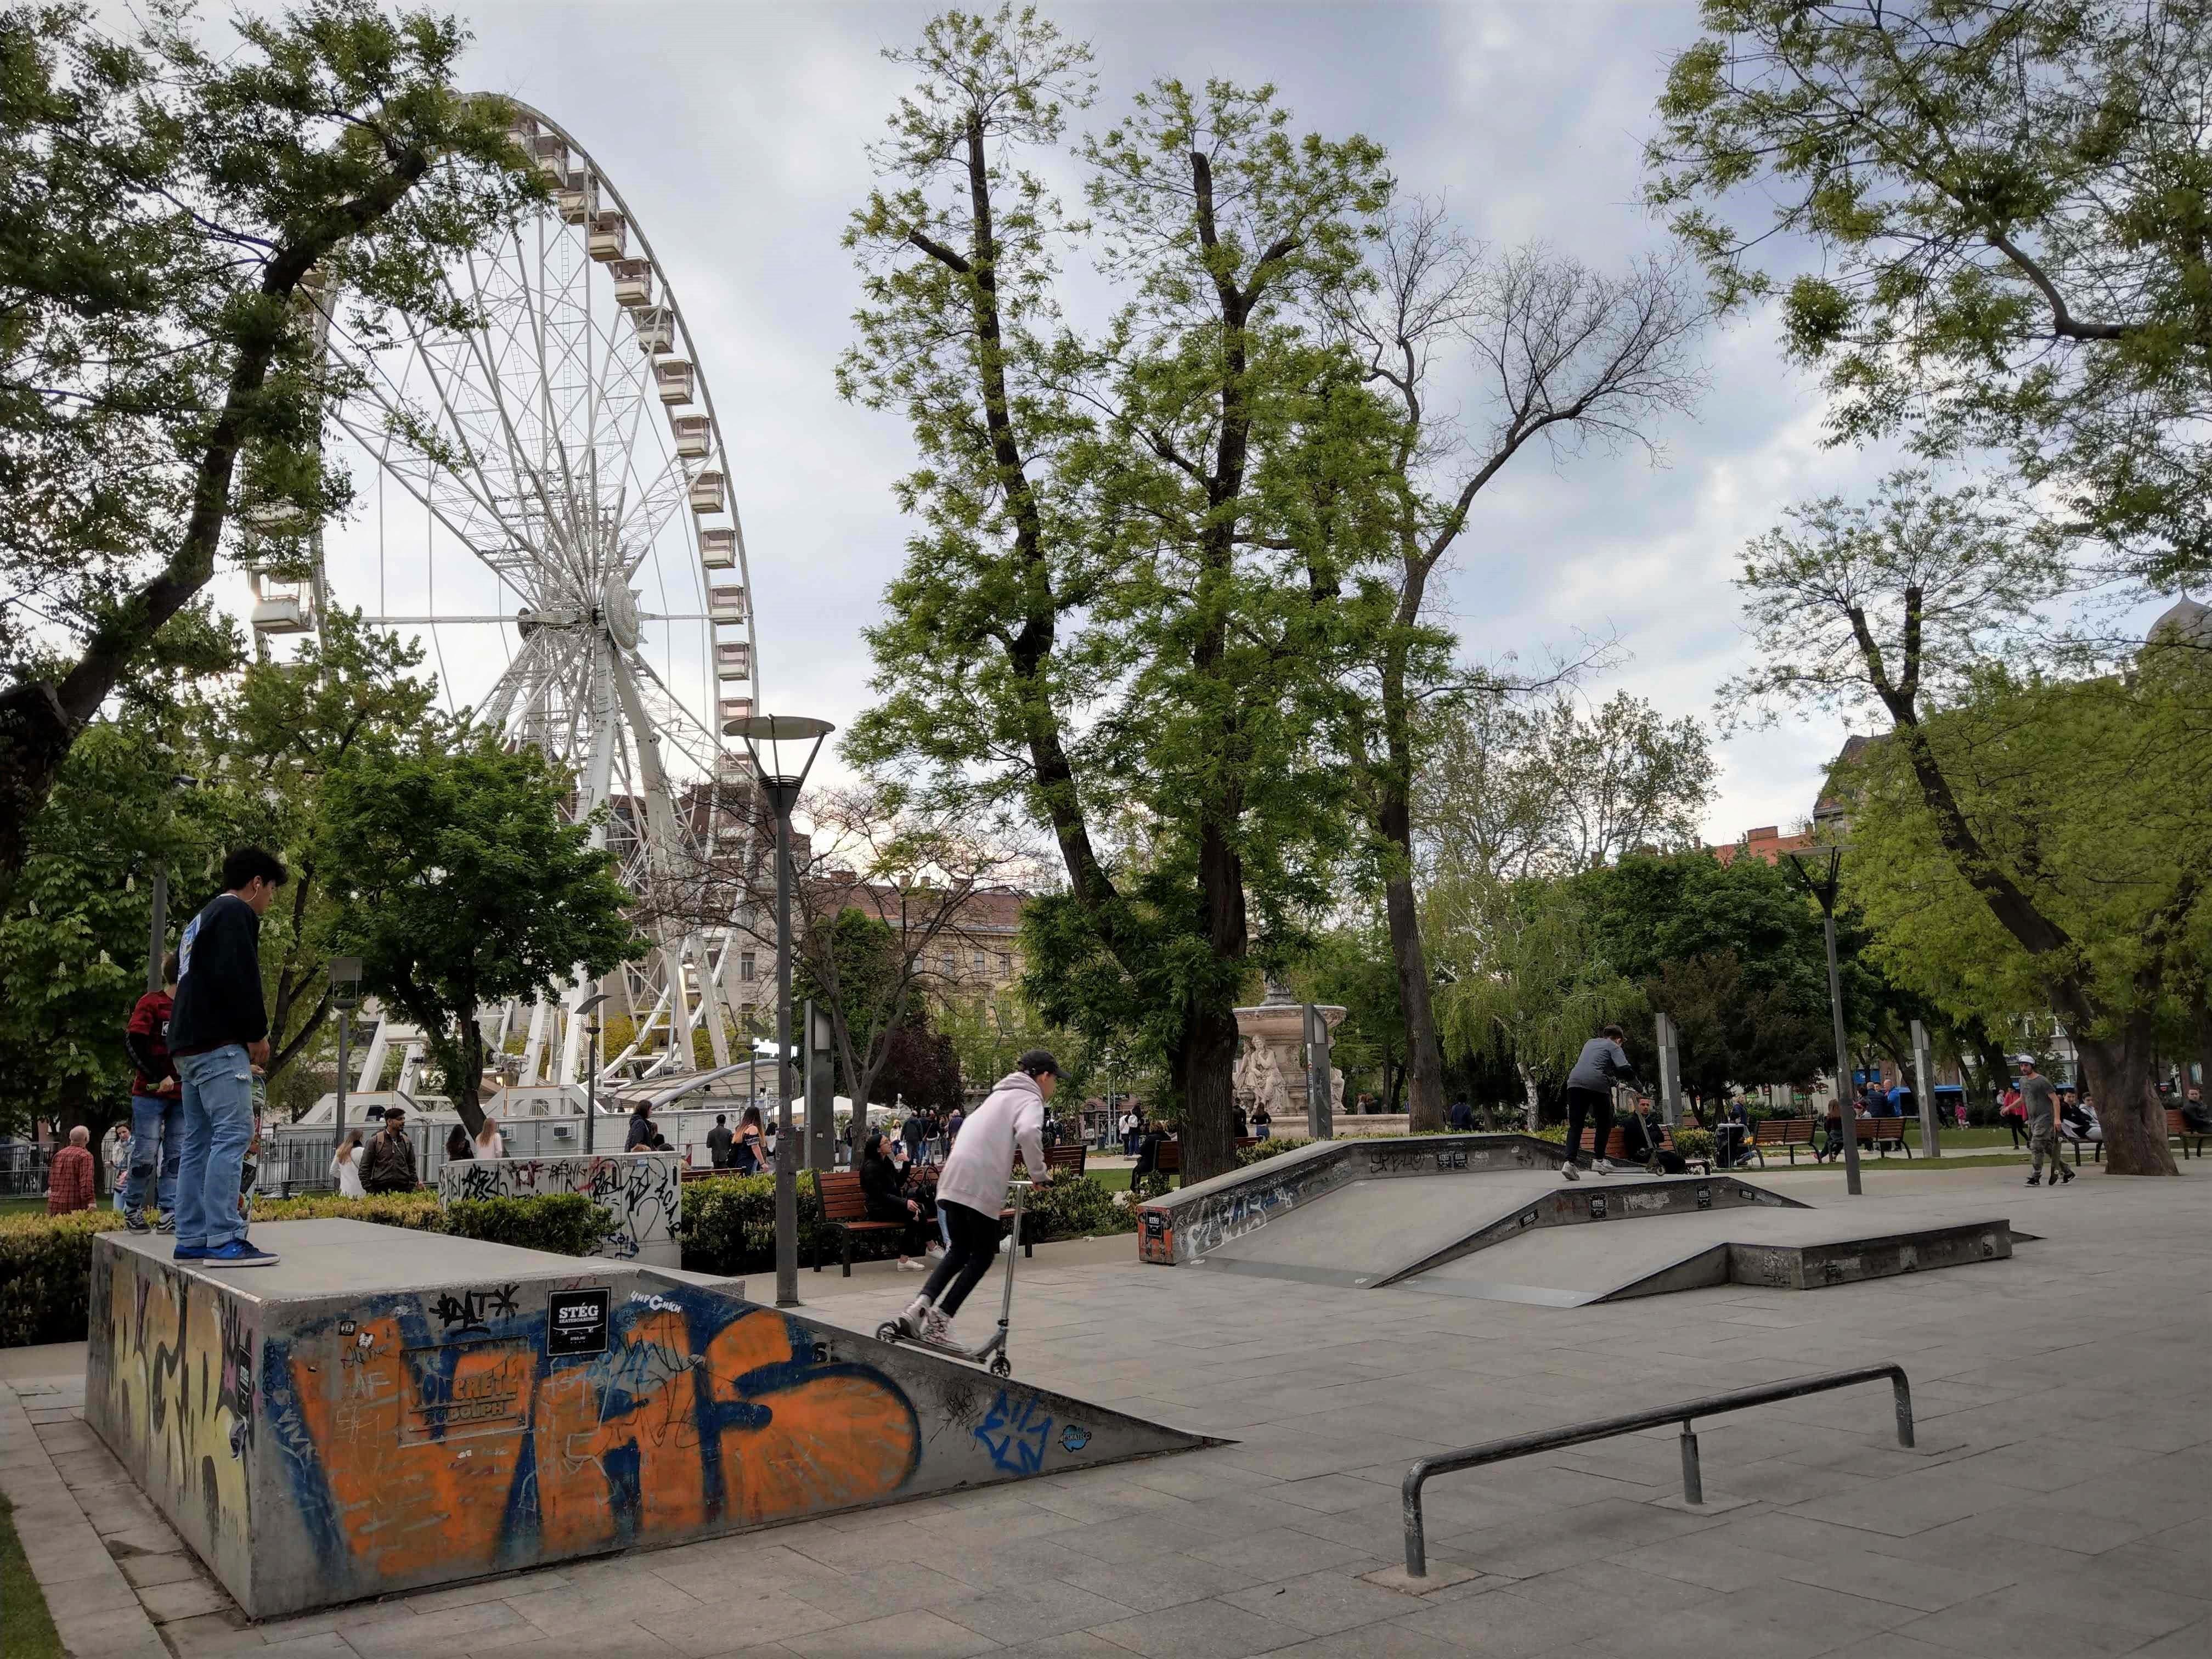 002 Budapest - Erzsebet tér